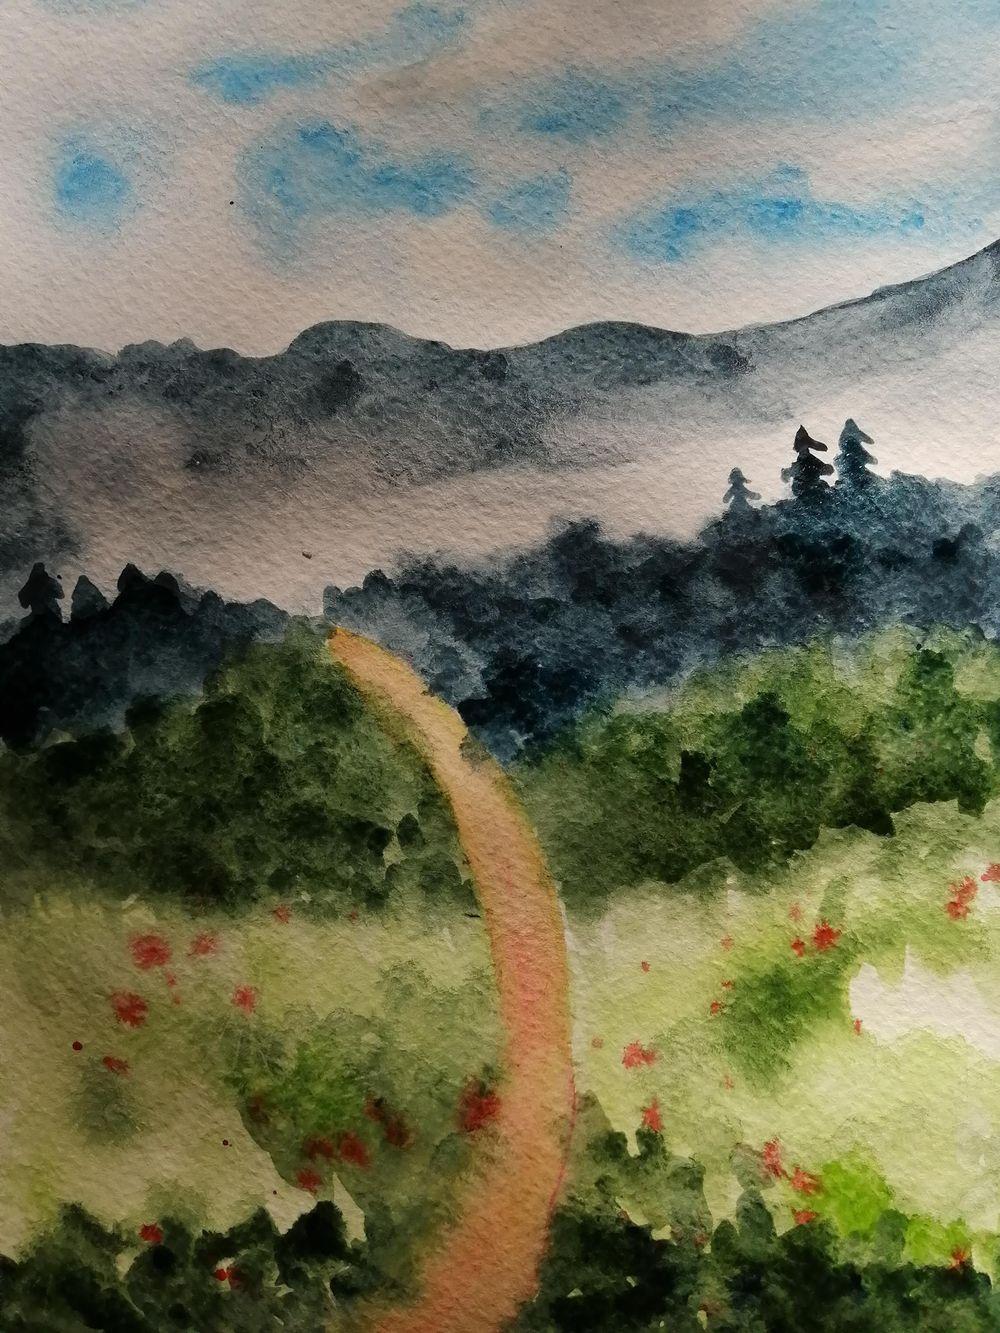 Landscape - image 1 - student project